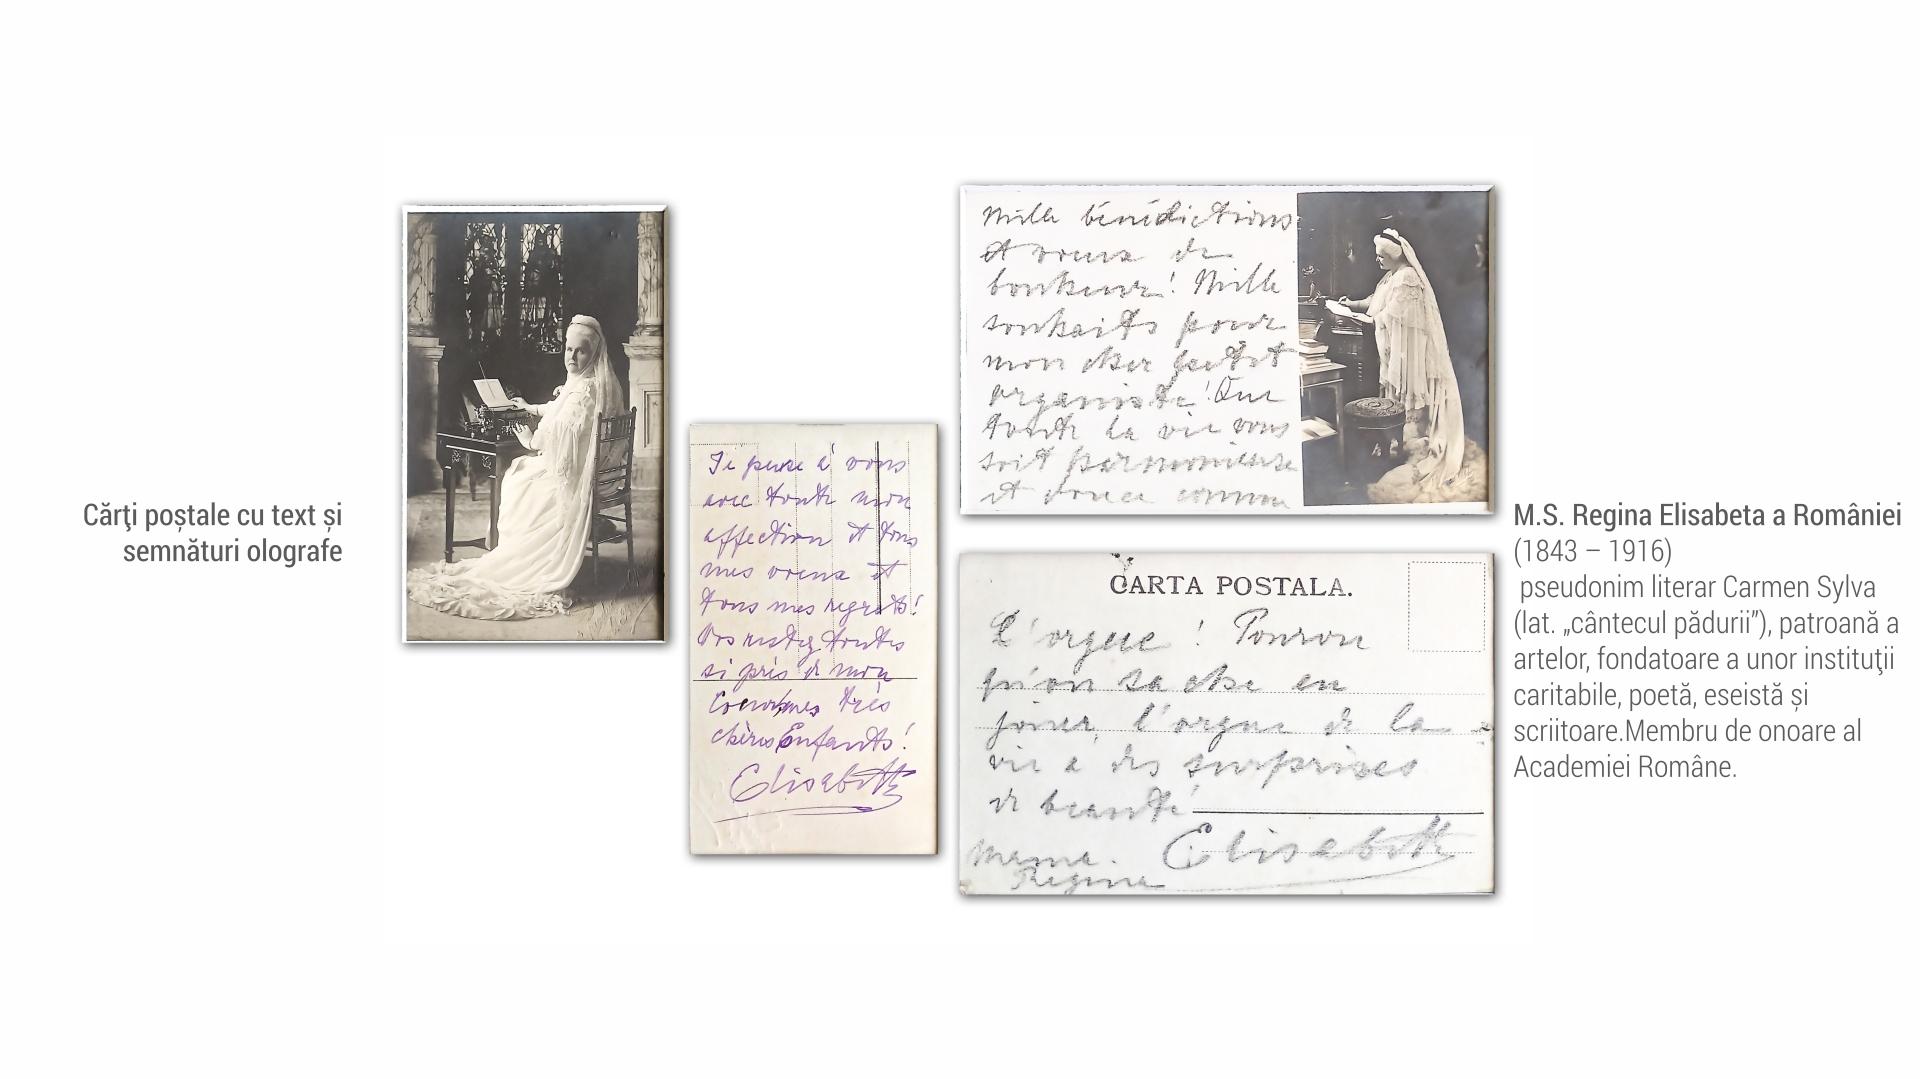 1806 MS Elisabeta - scrisoare